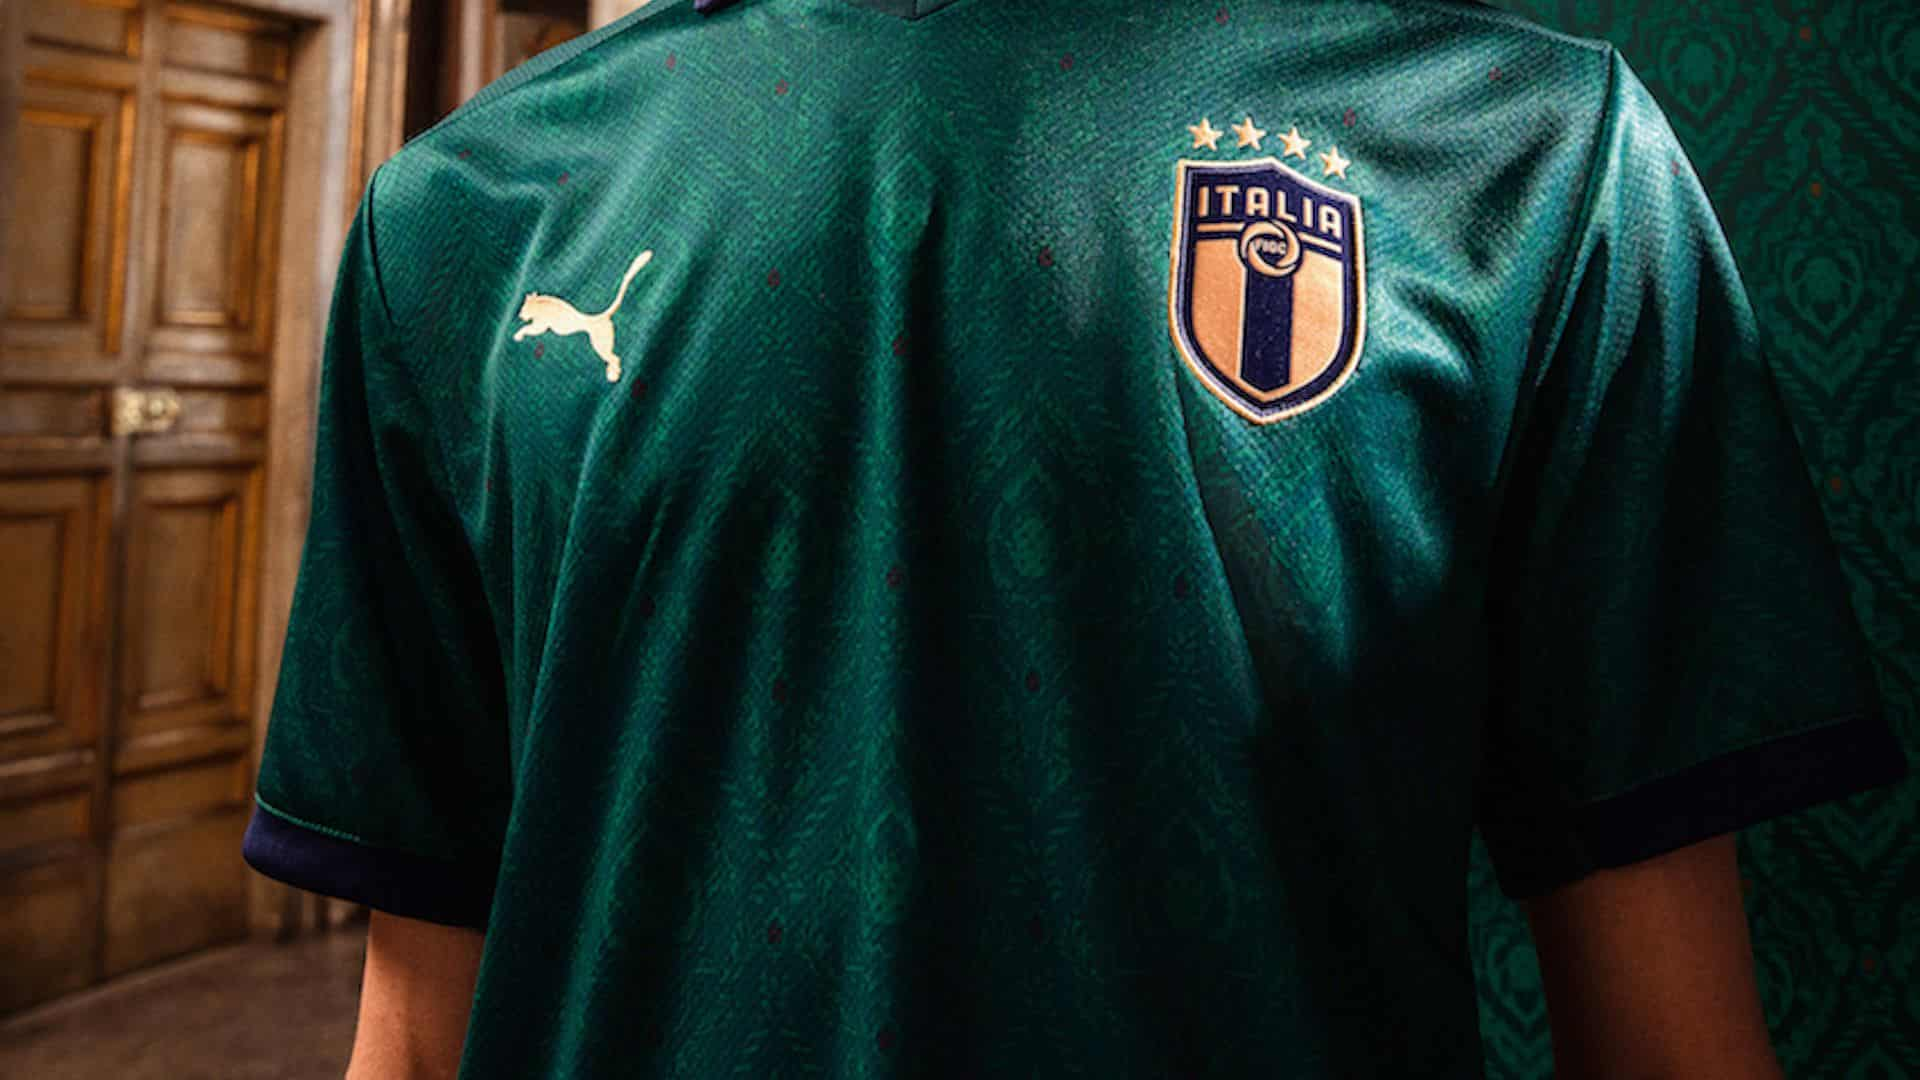 L'Italia giocherà con la maglia verde per le qualificazioni degli Europei di calcio